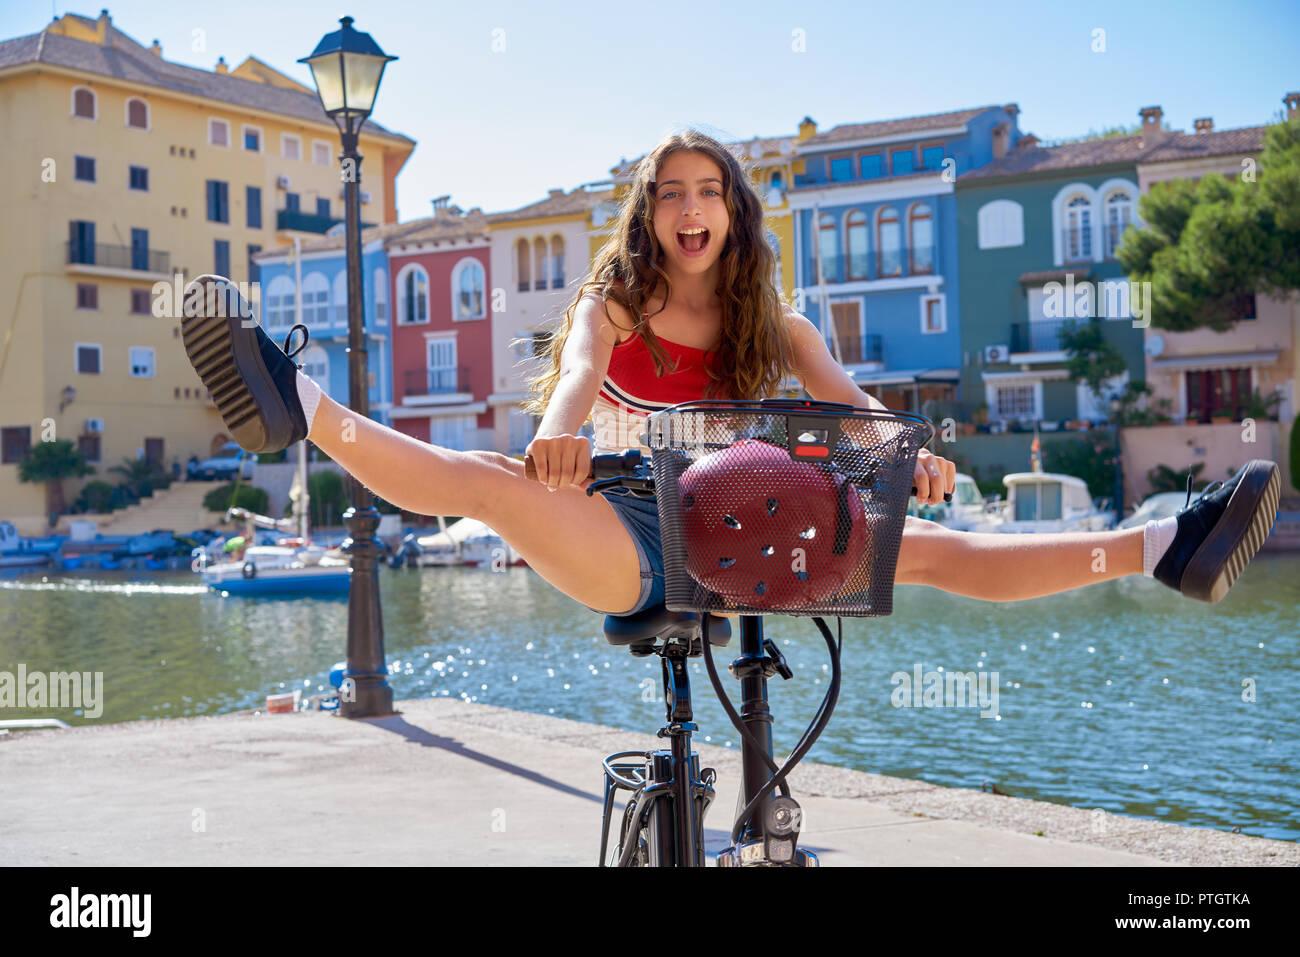 Marina c teen riding